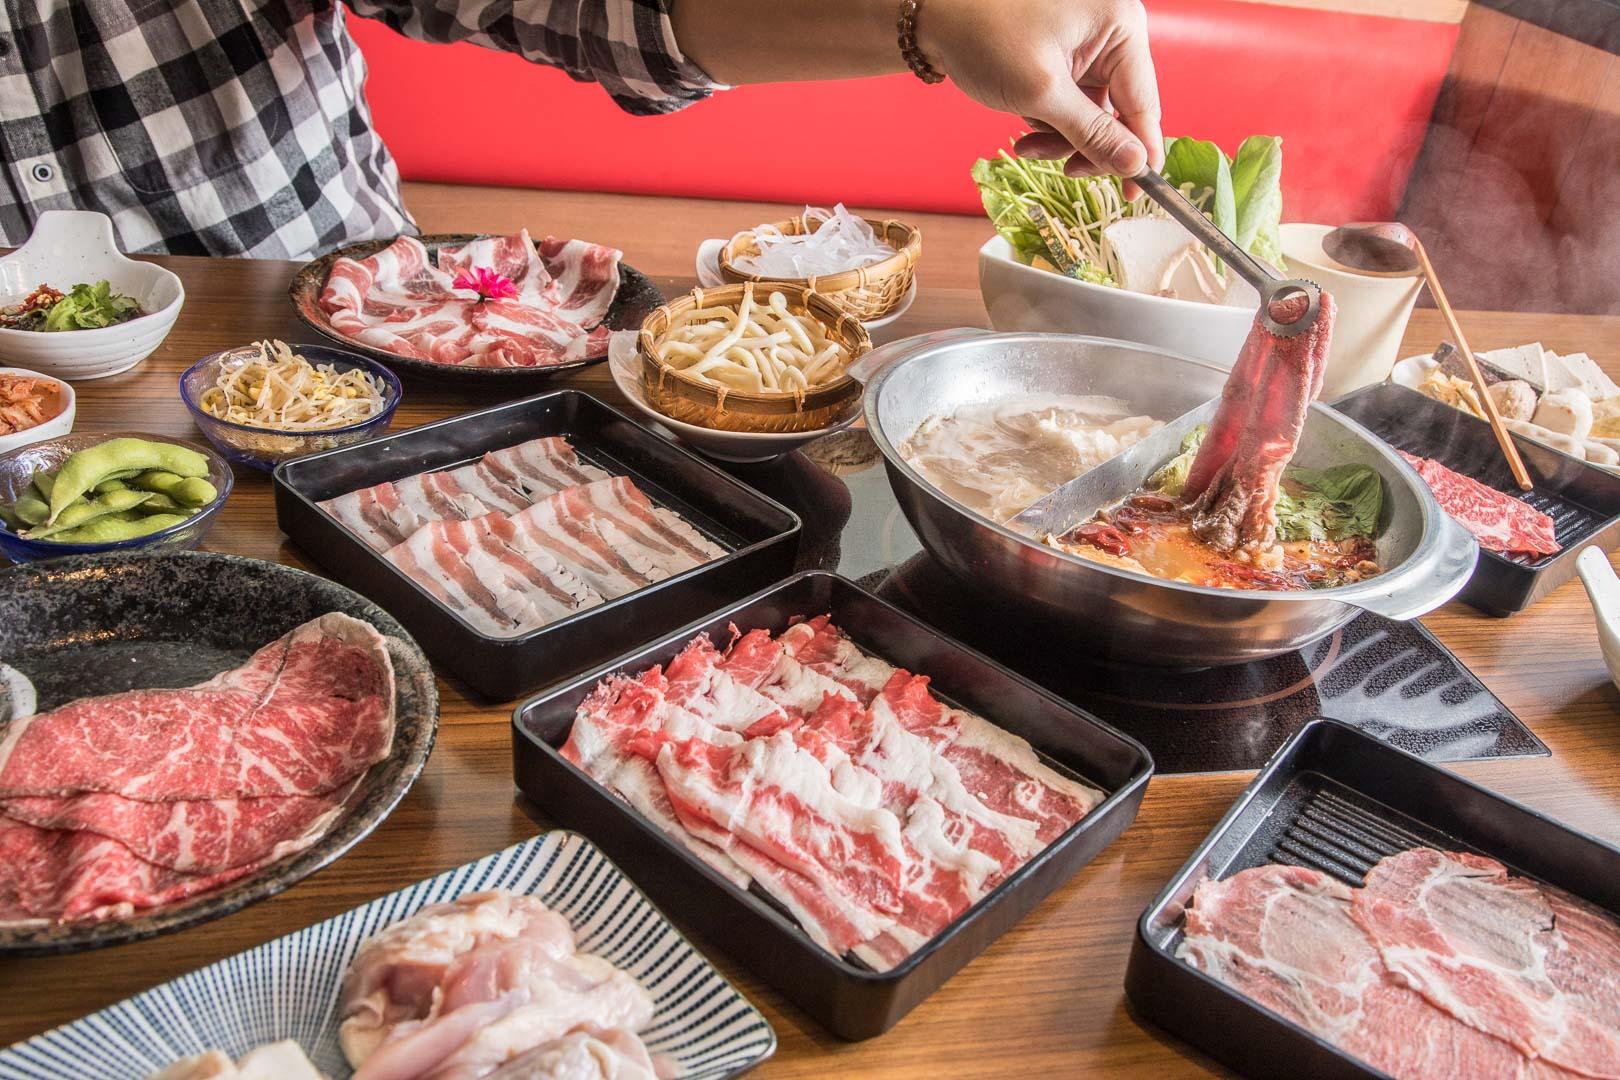 [台北信義]台北麻辣鍋吃到飽推薦!和牛、伊比利黑豬吃到飽只要668元?馬太郎鍋物ATT 4FUN店